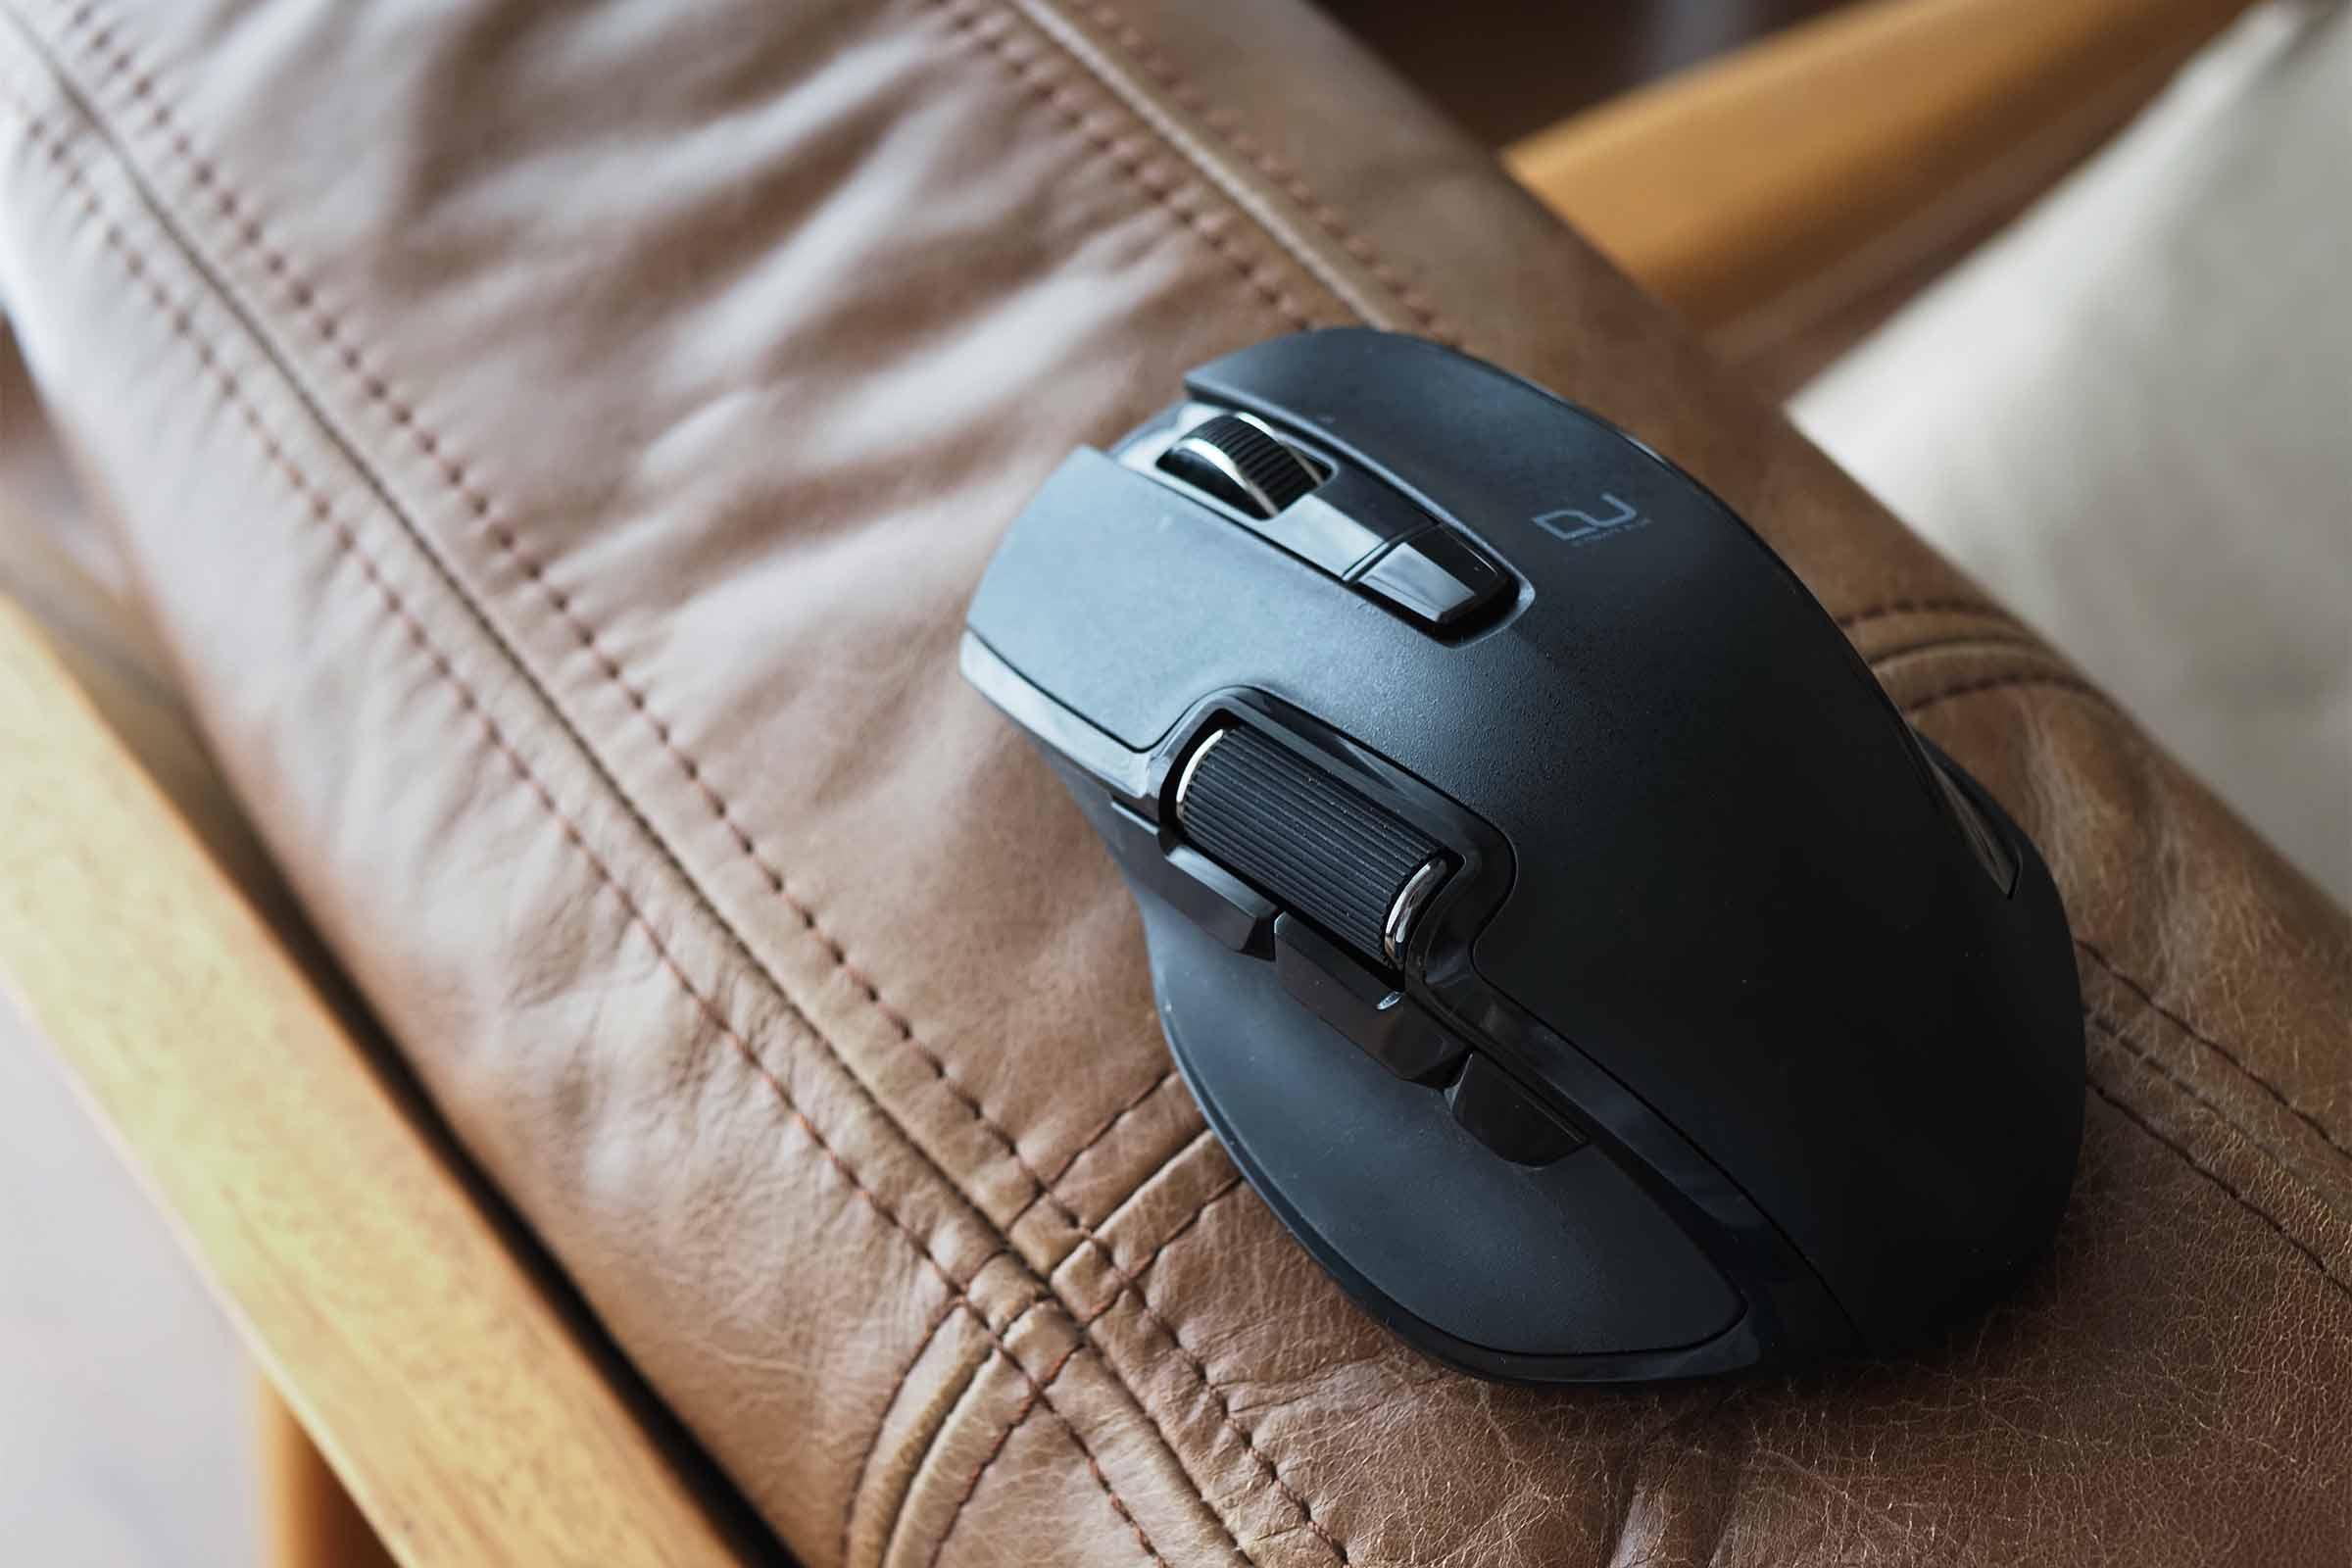 ワイヤレスマウス,エレコム,ビジネス,Bluetooth,チルト,機能割り当て,疲れにくい,持ちやすい